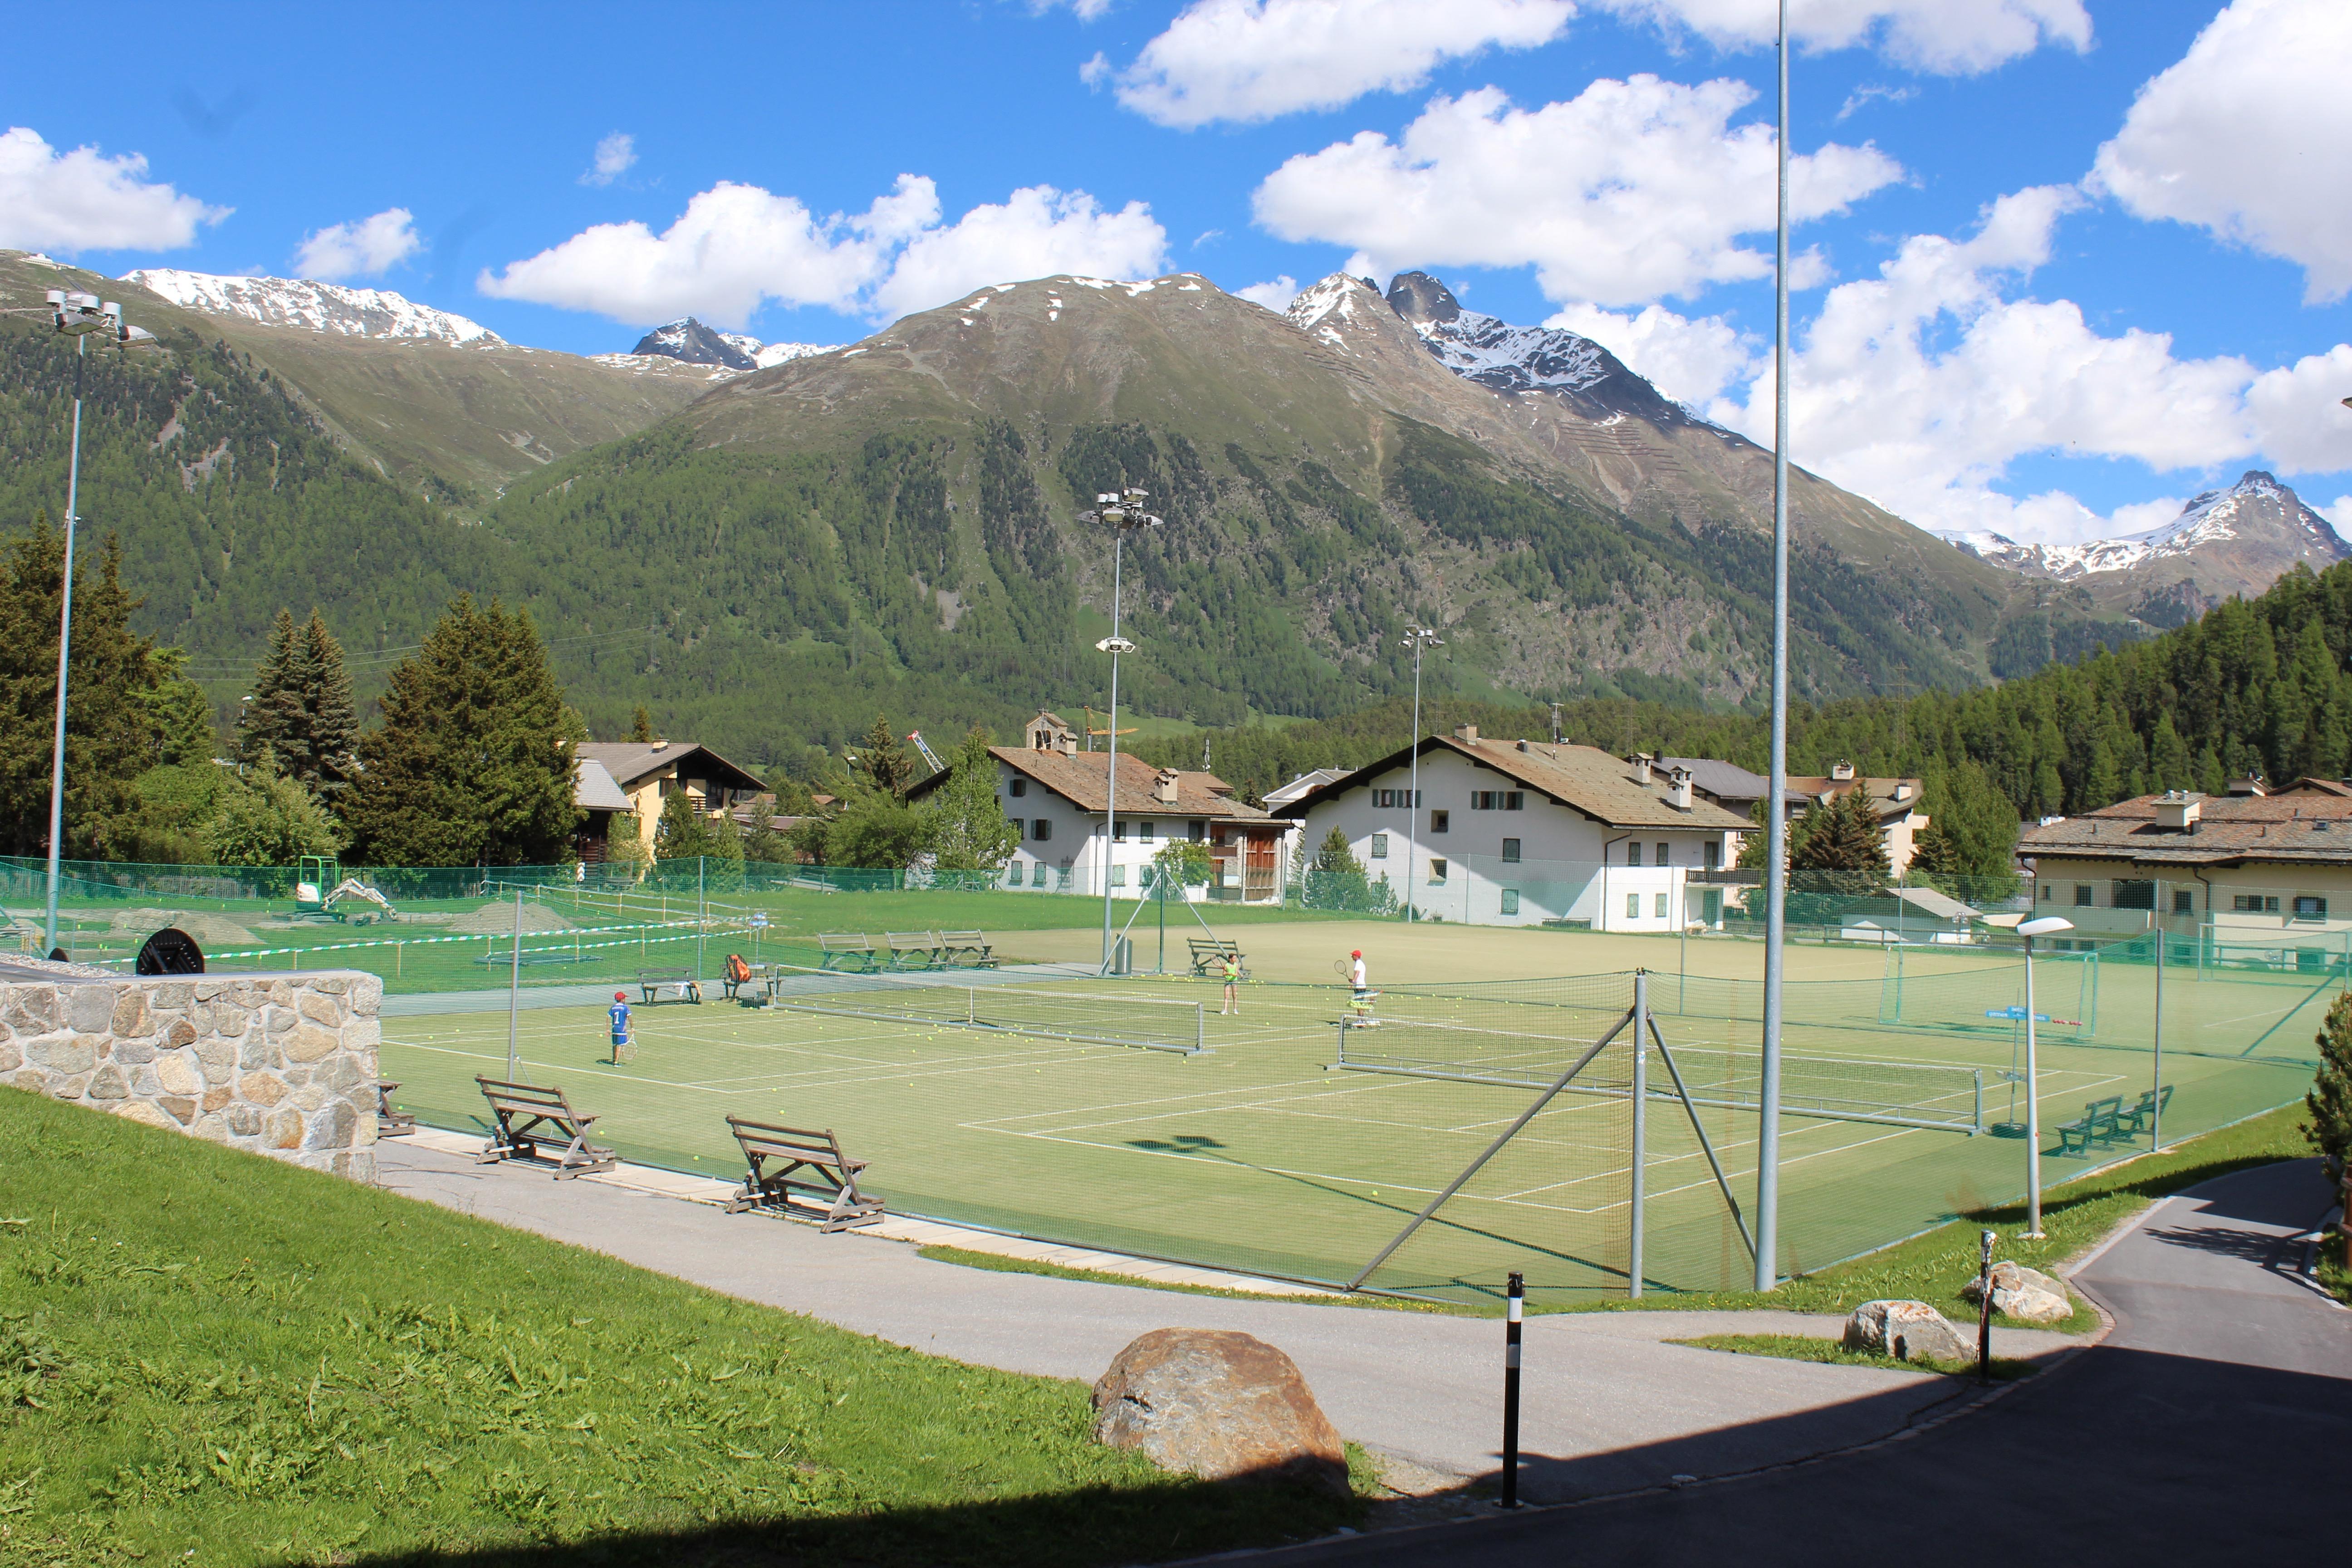 Tennisplatz Cresta Palace Slide 1